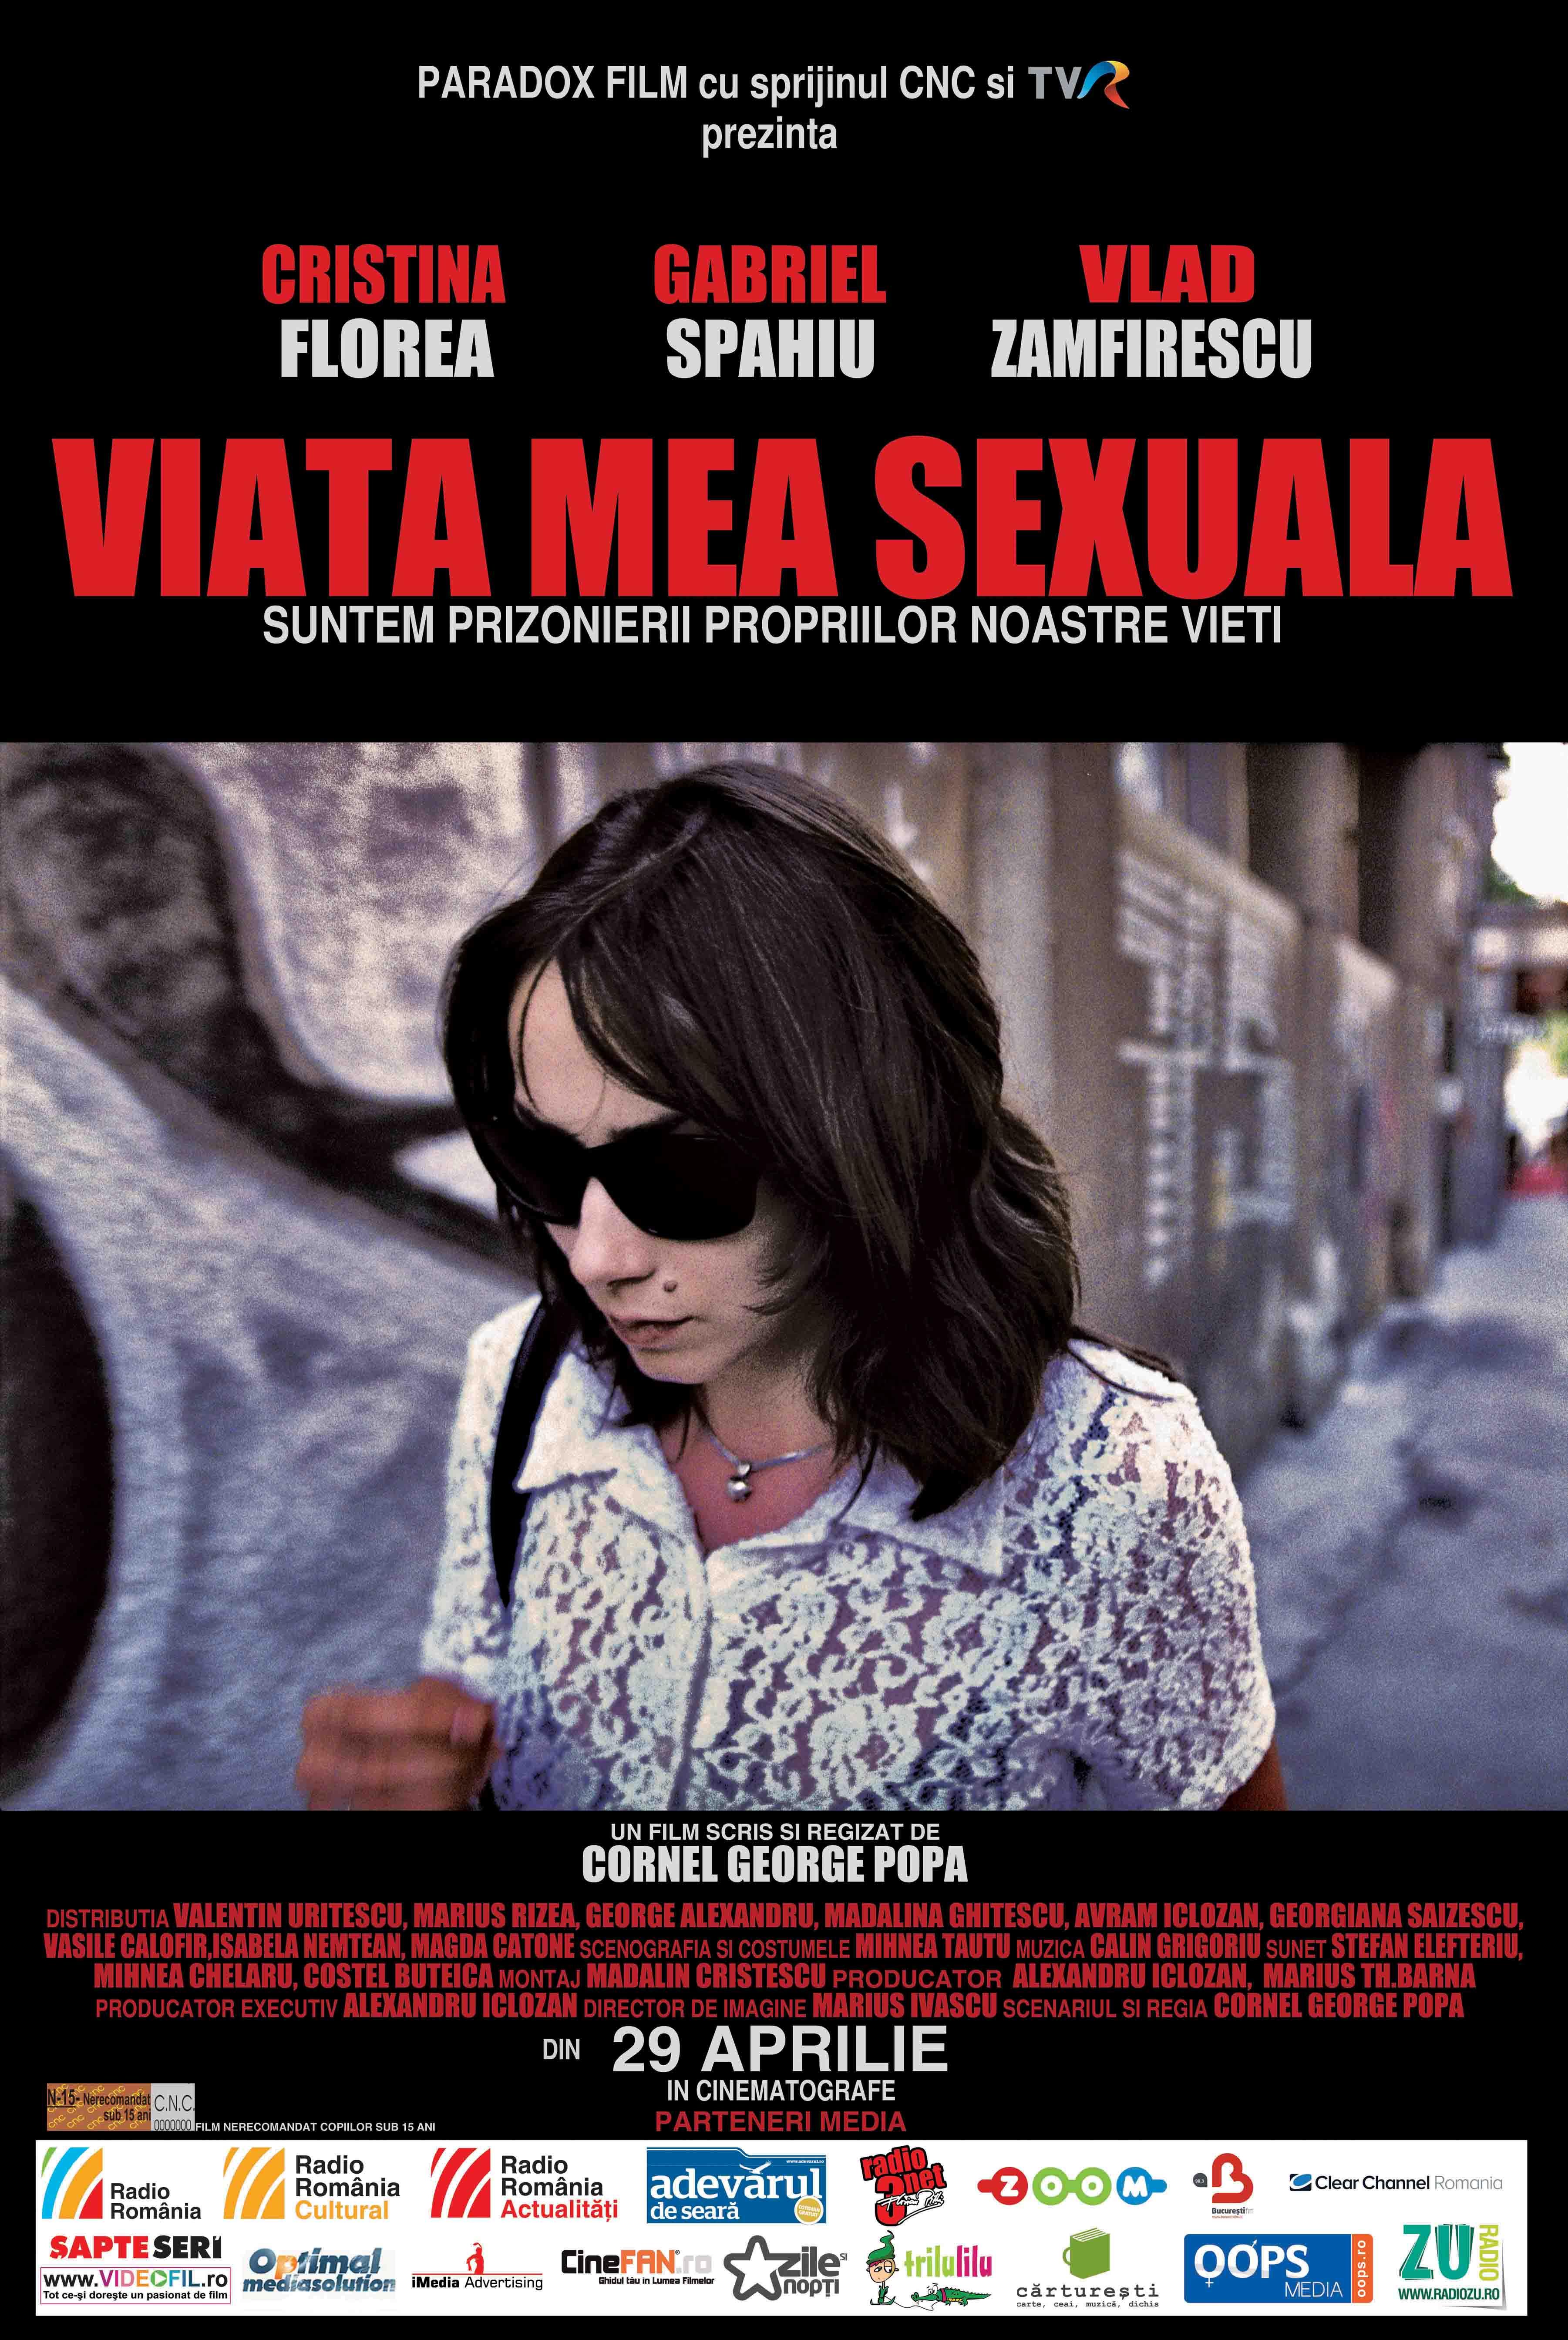 Viaţa mea sexuală (2010) - Photo